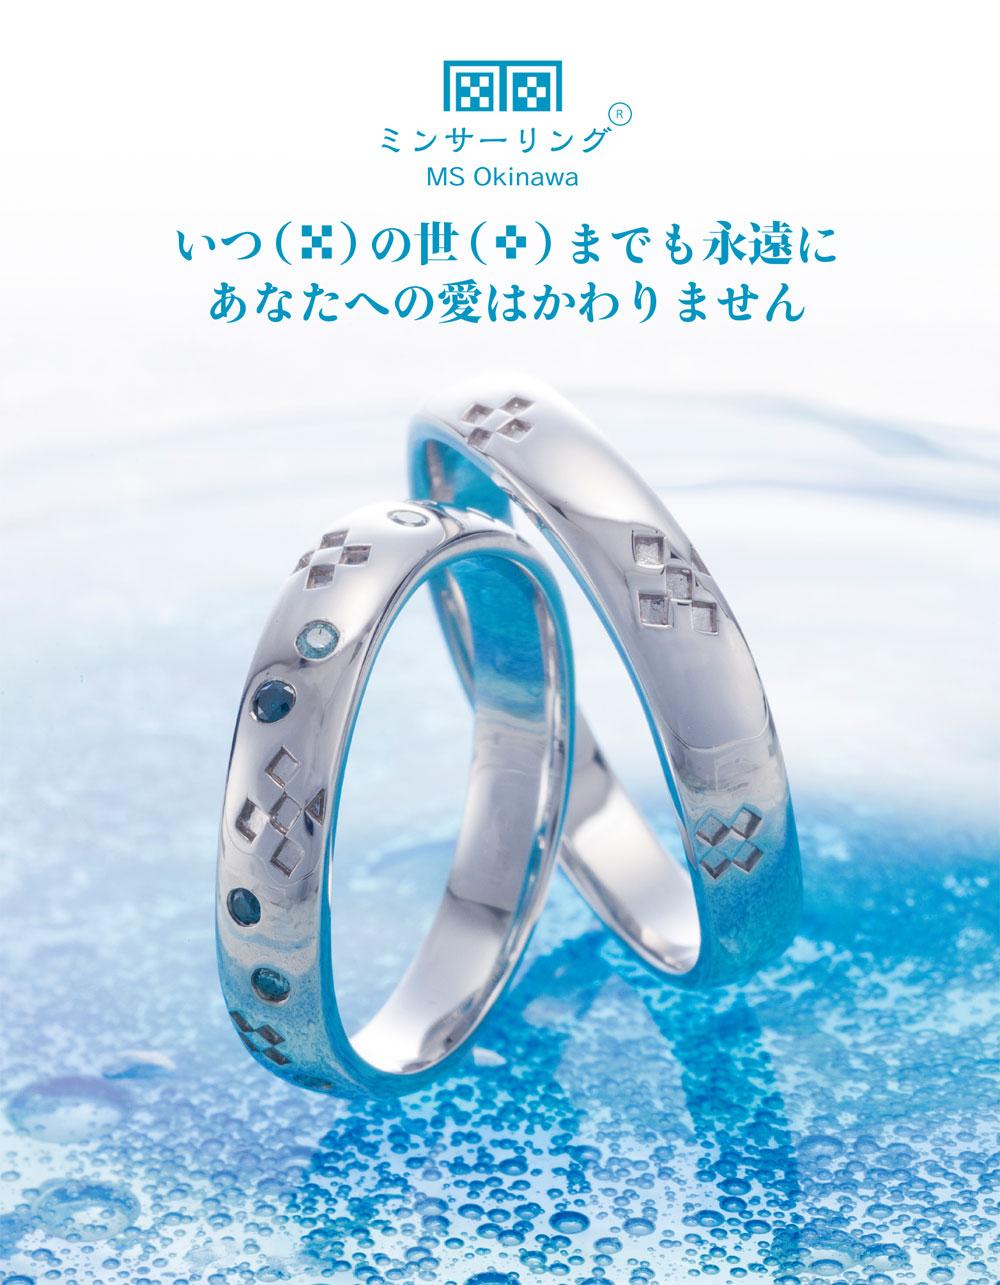 沖縄ミンサー結婚指輪神戸三ノ宮梅田